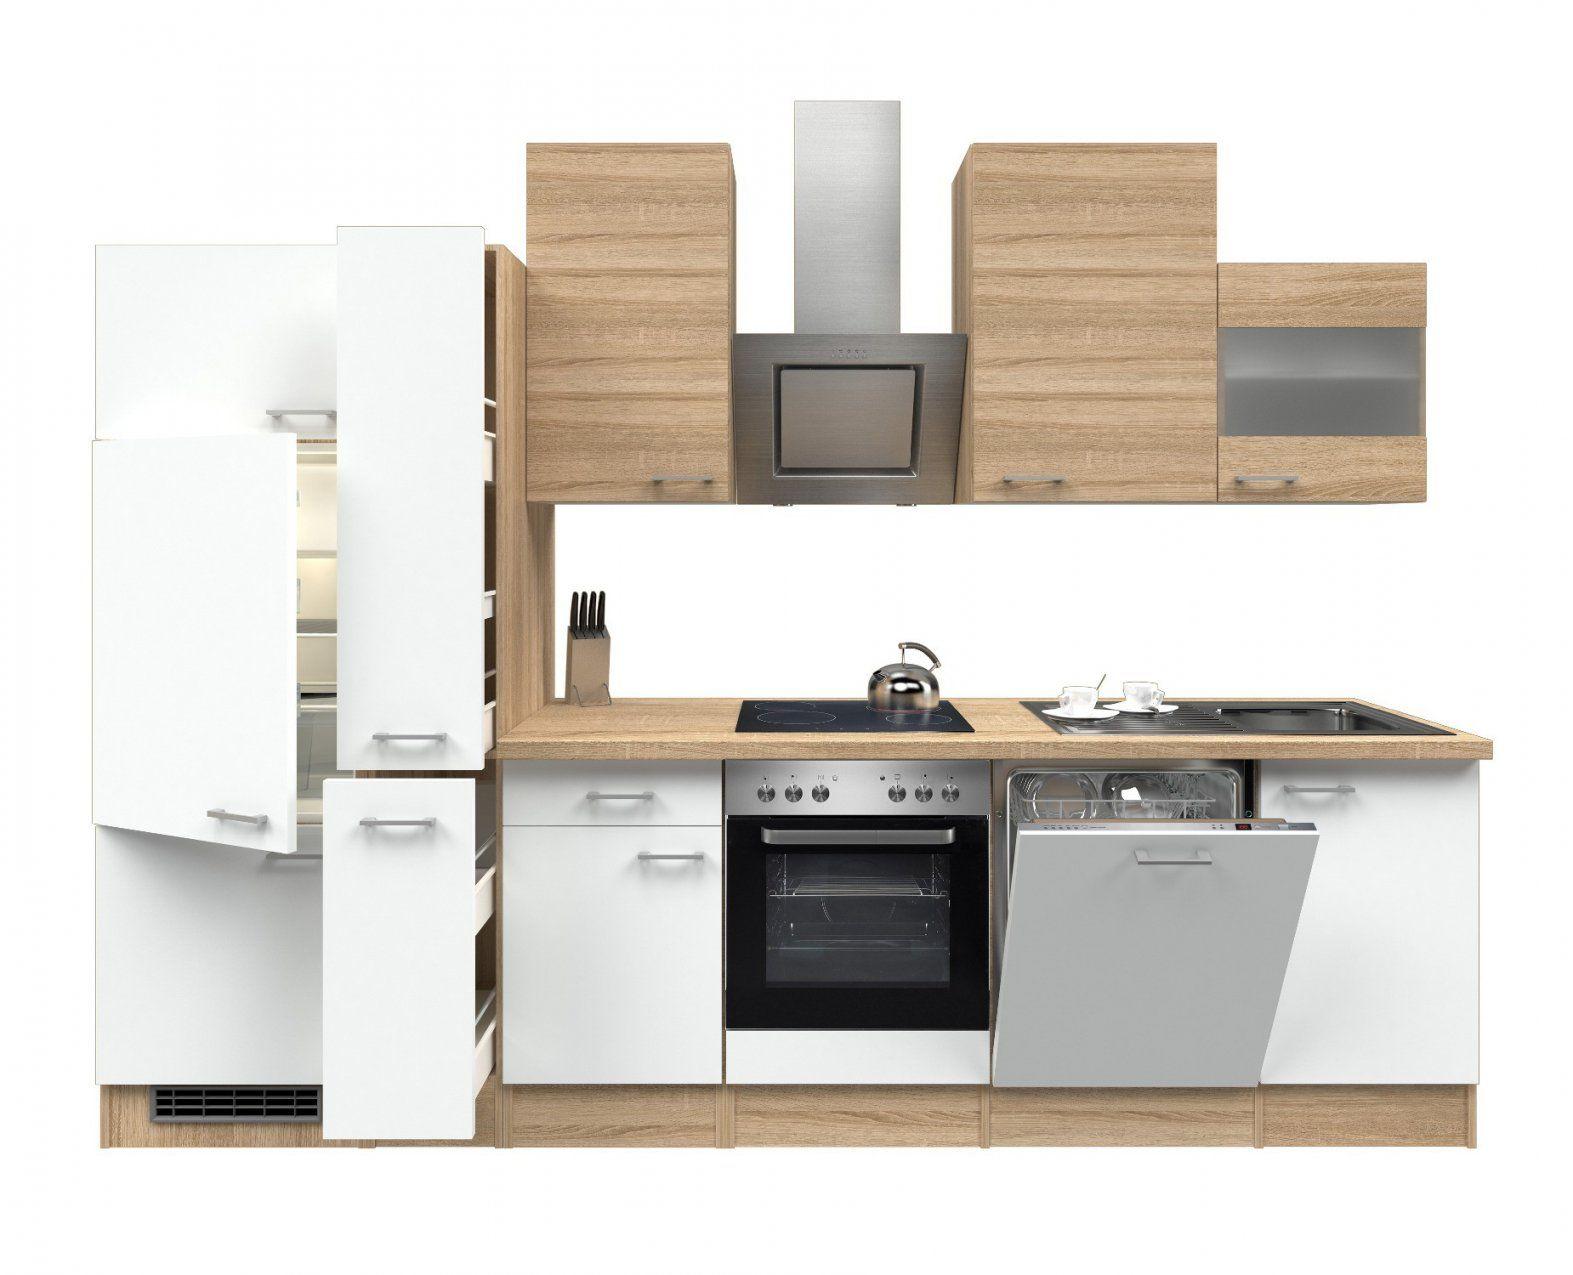 Küchenzeile Mit Elektrogeräten  Wotzc von Küchenblock 260 Cm Mit Elektrogeräten Bild